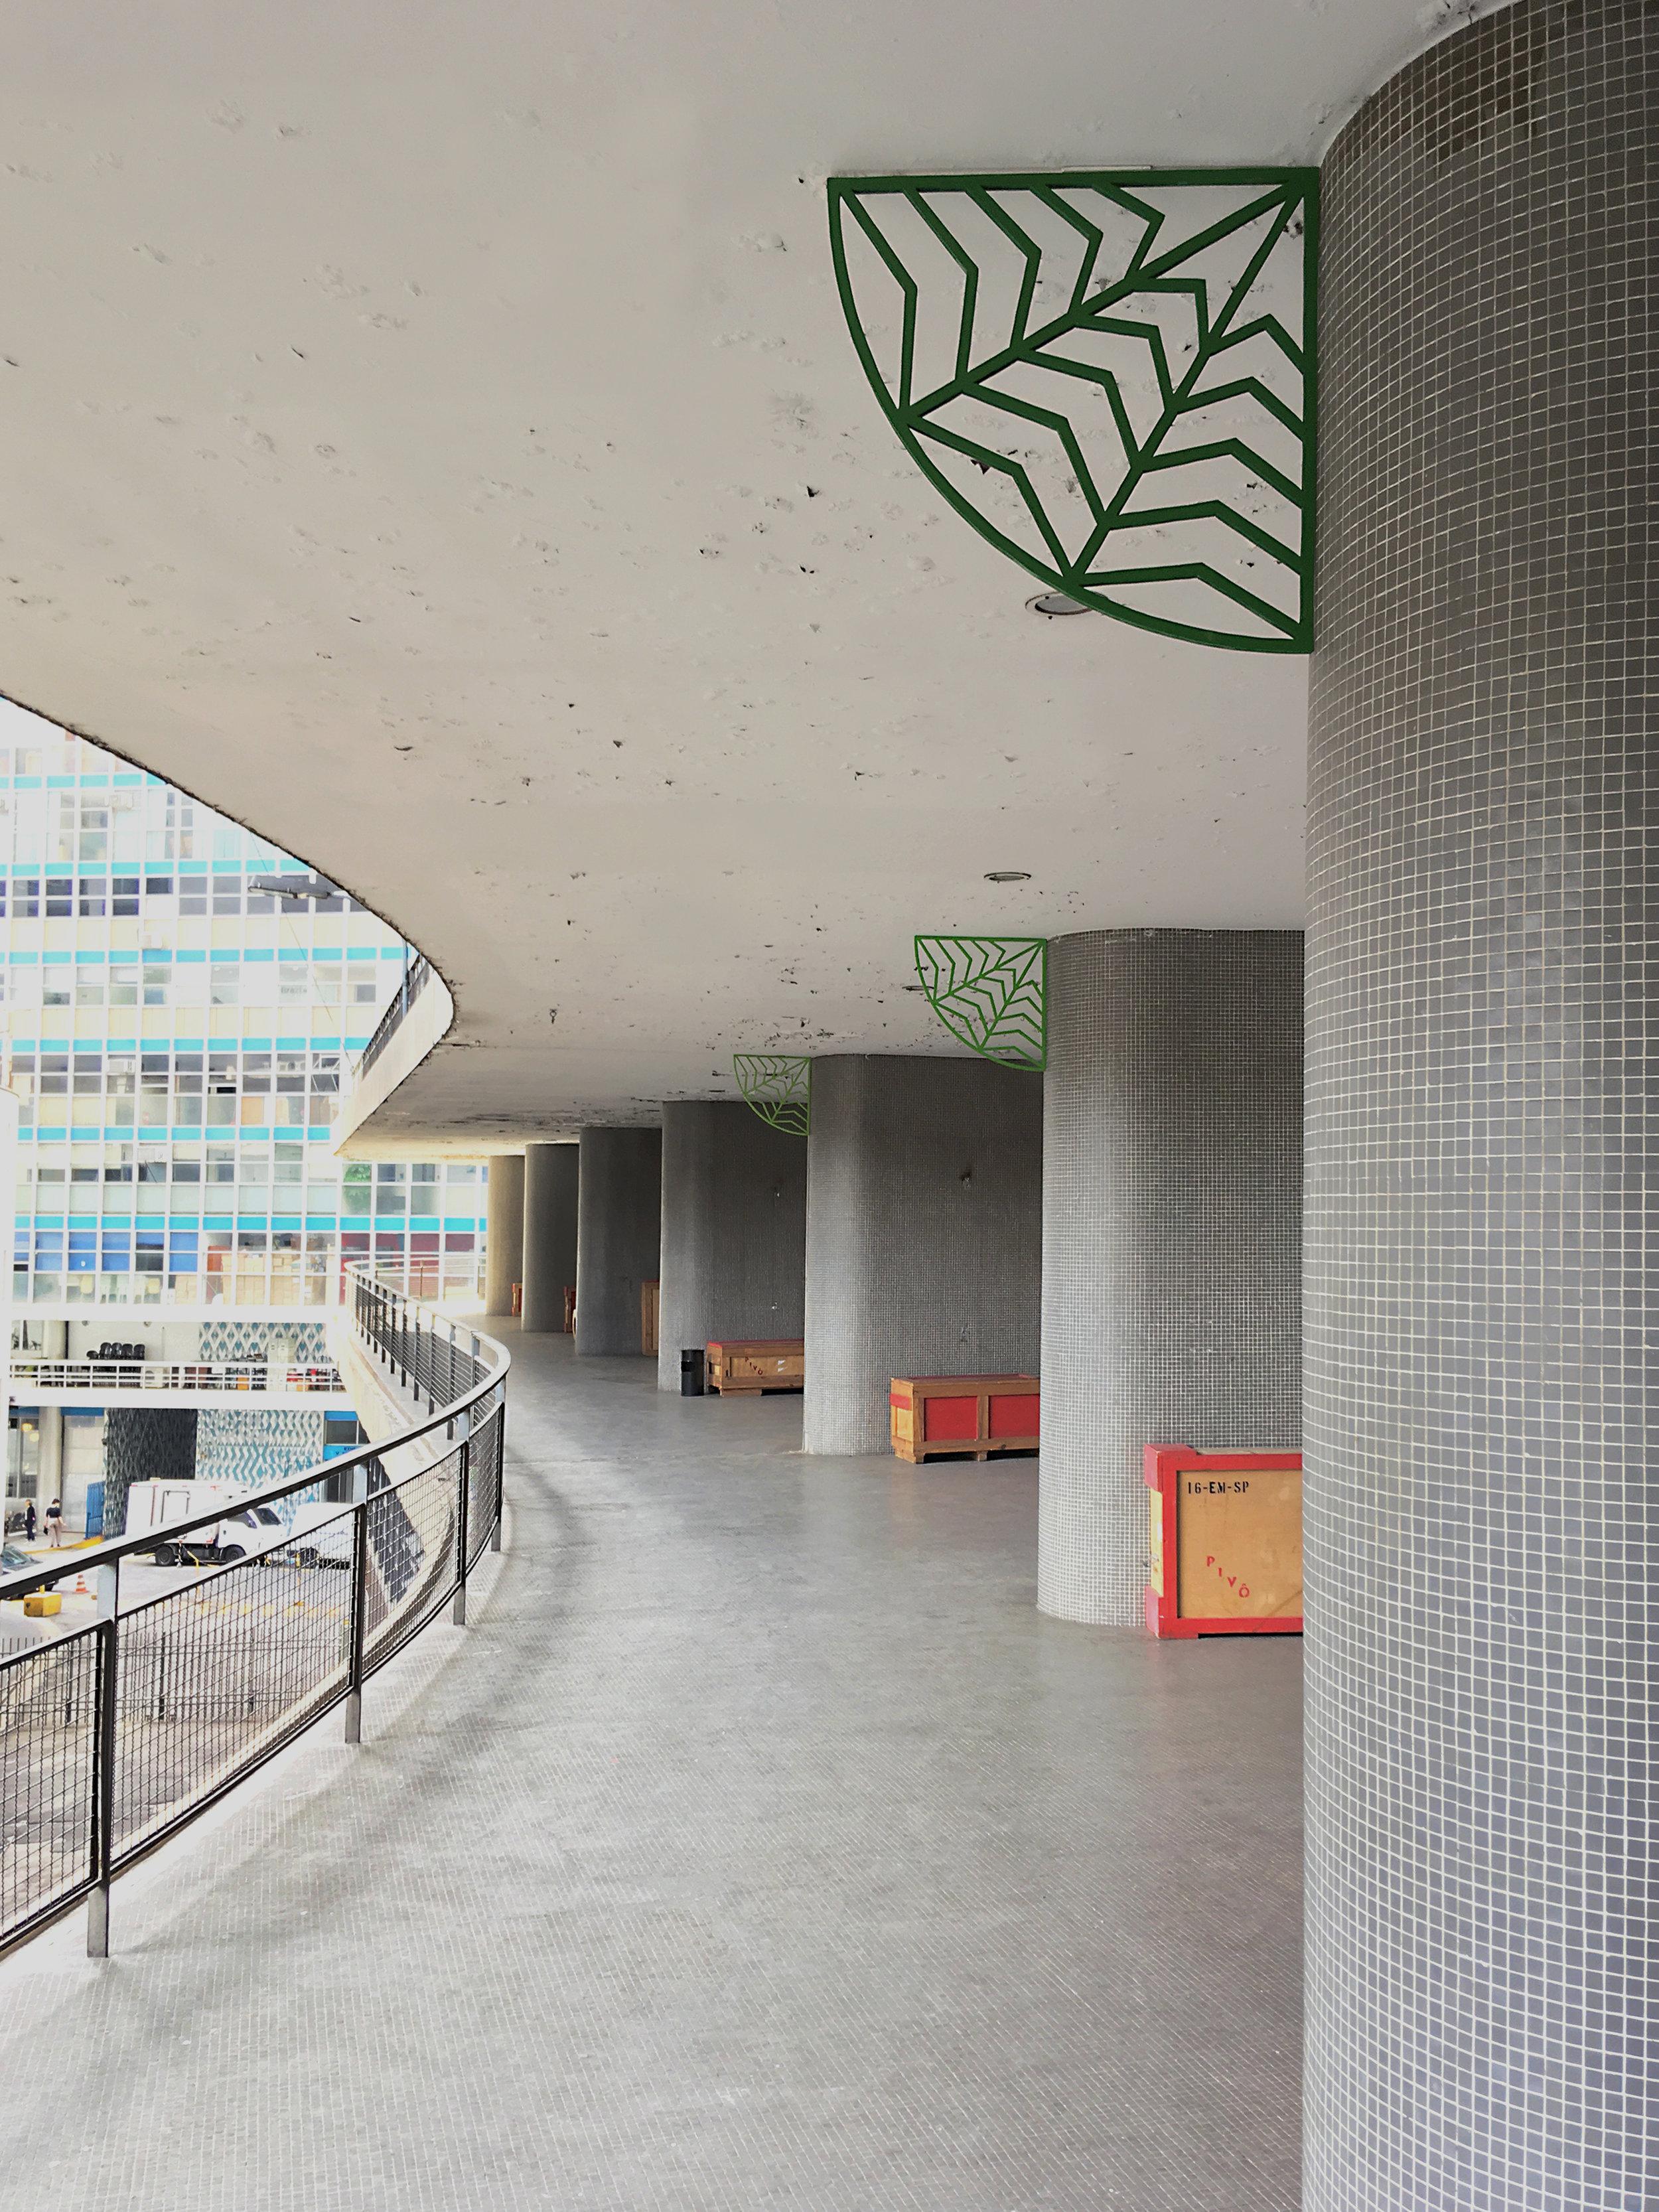 Palmas, 2018  Open Studio. Pivô, São Paulo